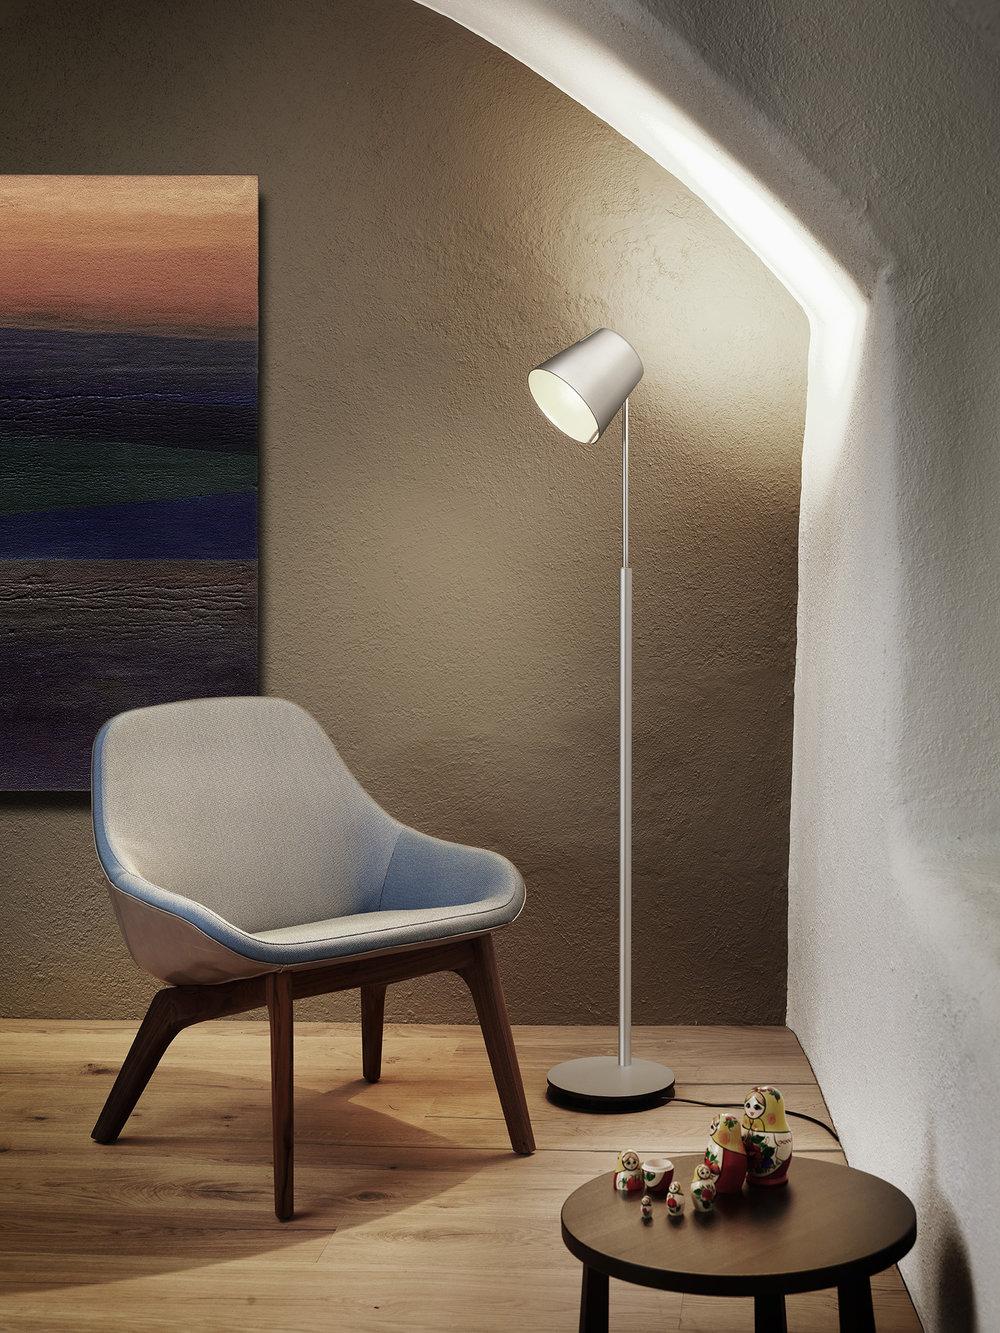 Stehleuchte FEZ , Alu CHF 1'060.00 Höhe 100 - 170 cm, LED, direktes / indirektes Licht Auch erhältlich in bronze, schwarz oder weiss.